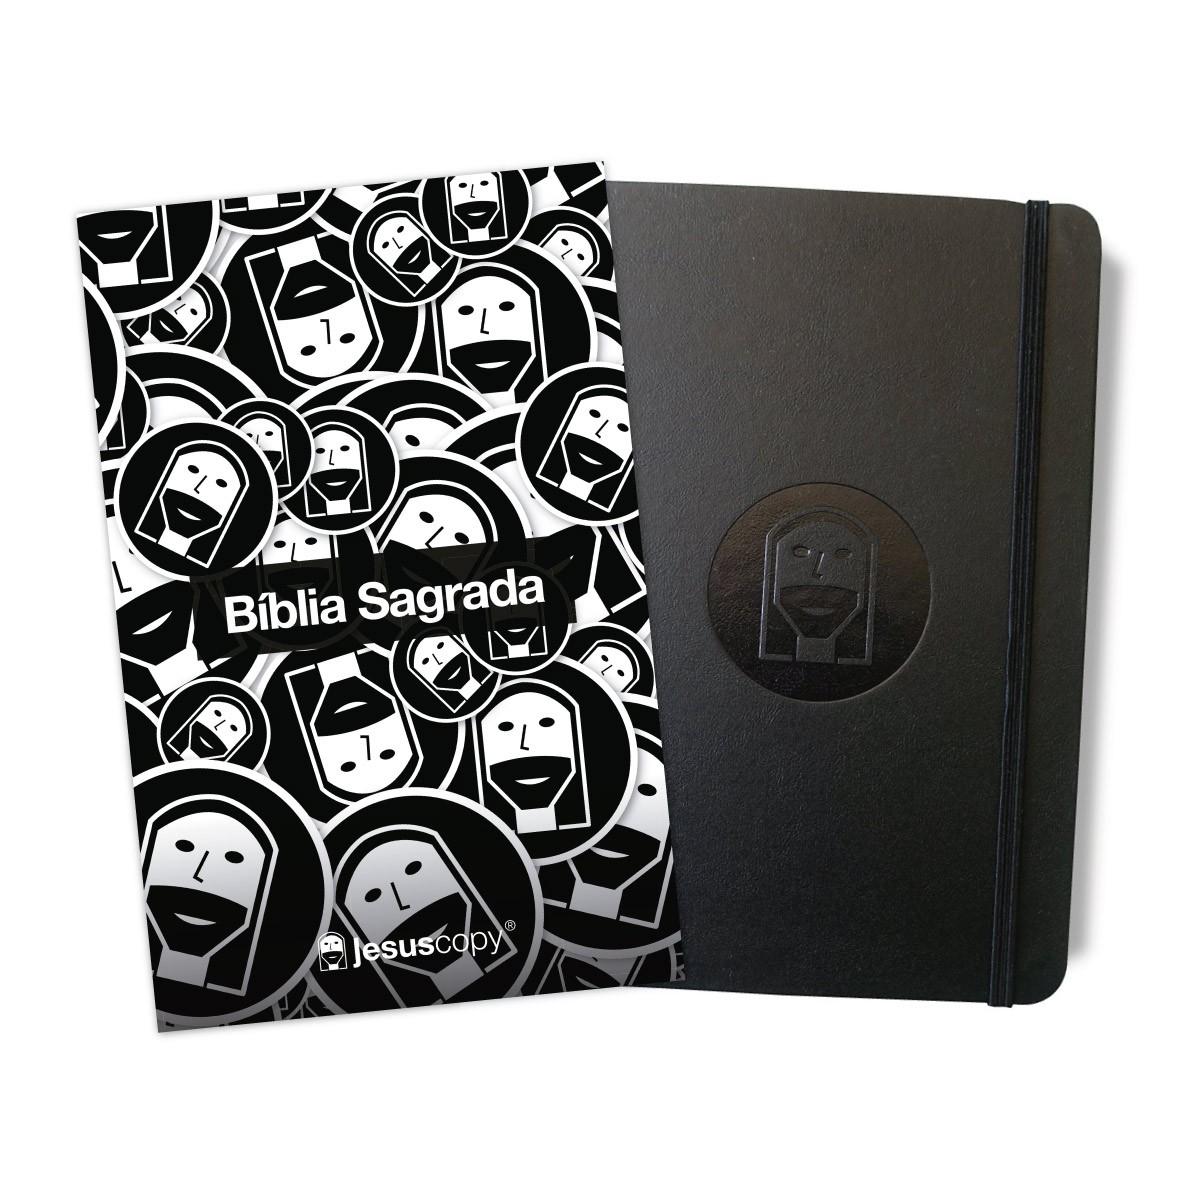 Kit 09 - Bíblia de Carinhas NVT + Moleskine Jesuscopy  - Jesuscopy